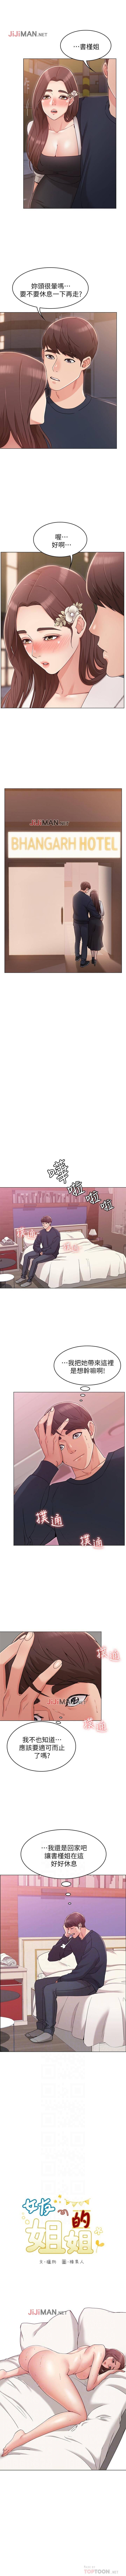 【周六连载】女友的姐姐(作者:橡果人&獵狗) 第1~23话 51